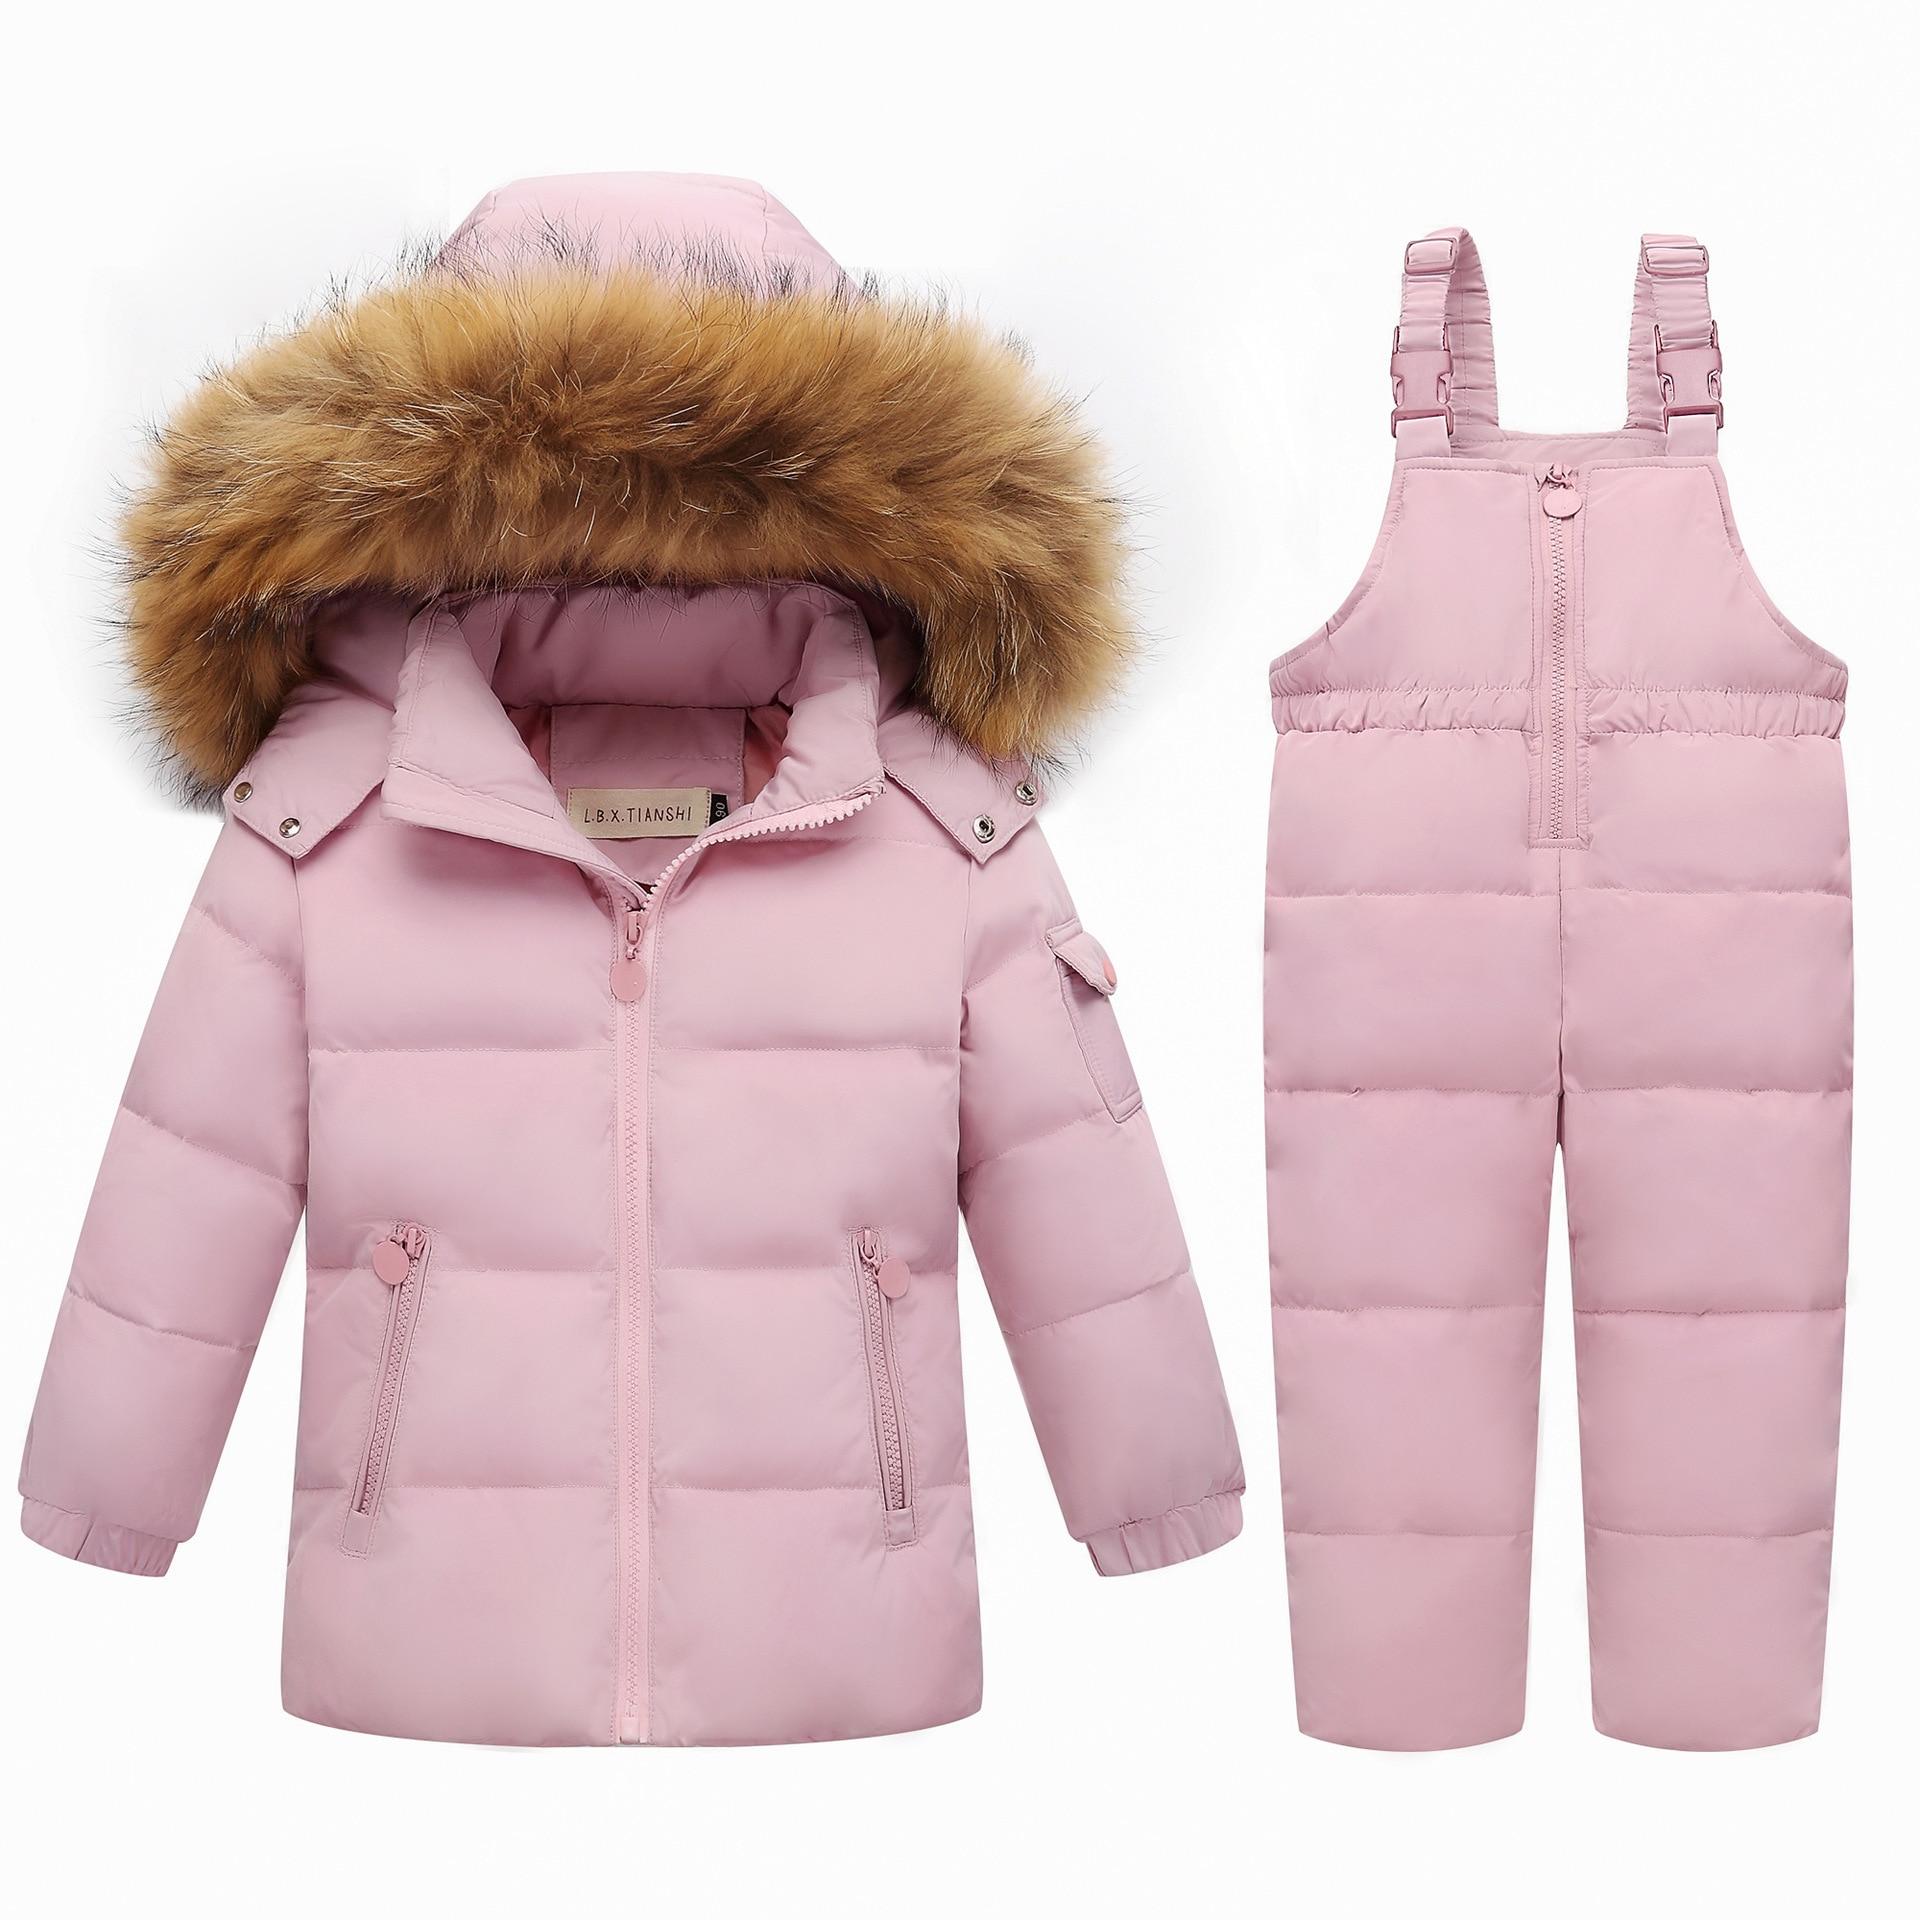 جاكيت شتوي بغطاء للرأس من الفرو الطبيعي للبنات, جاكيت للثلج للأطفال 2-5T معطف الثلوج ملابس الشتاء مجموعة ملابس الأولاد